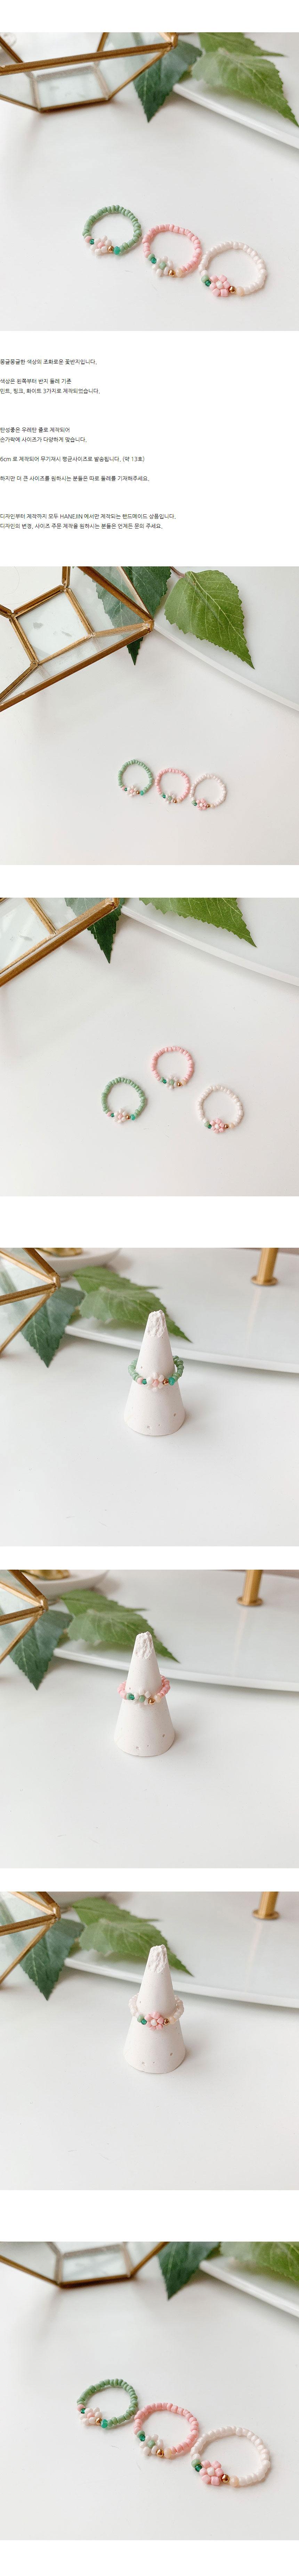 (핸드메이드) 마시멜로우 꽃 반지 -  비즈반지 - 하네진, 6,500원, 패션, 패션반지